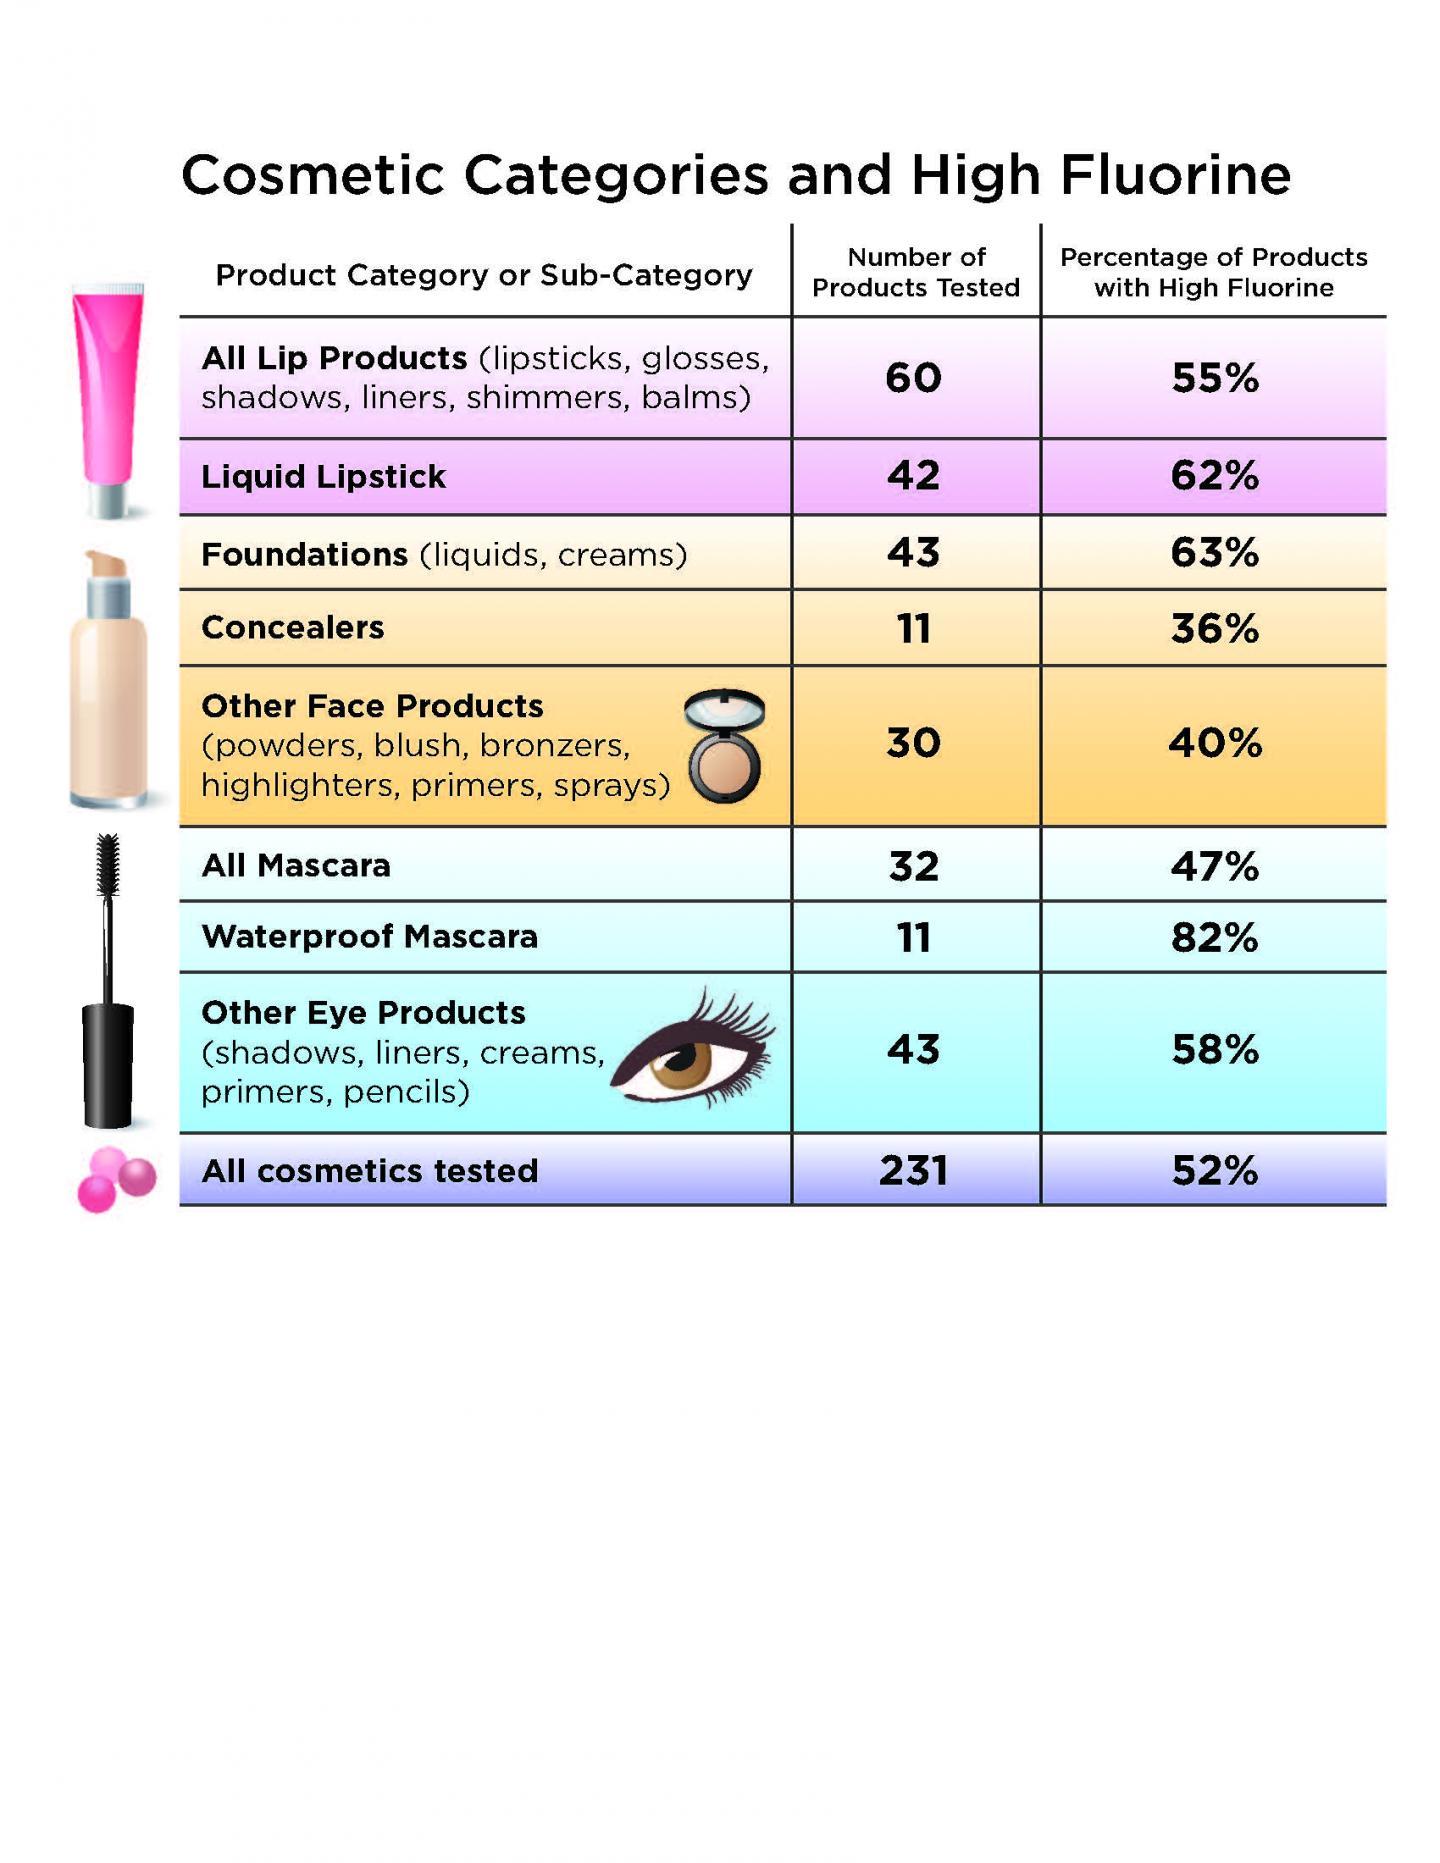 PFAS in Cosmetics